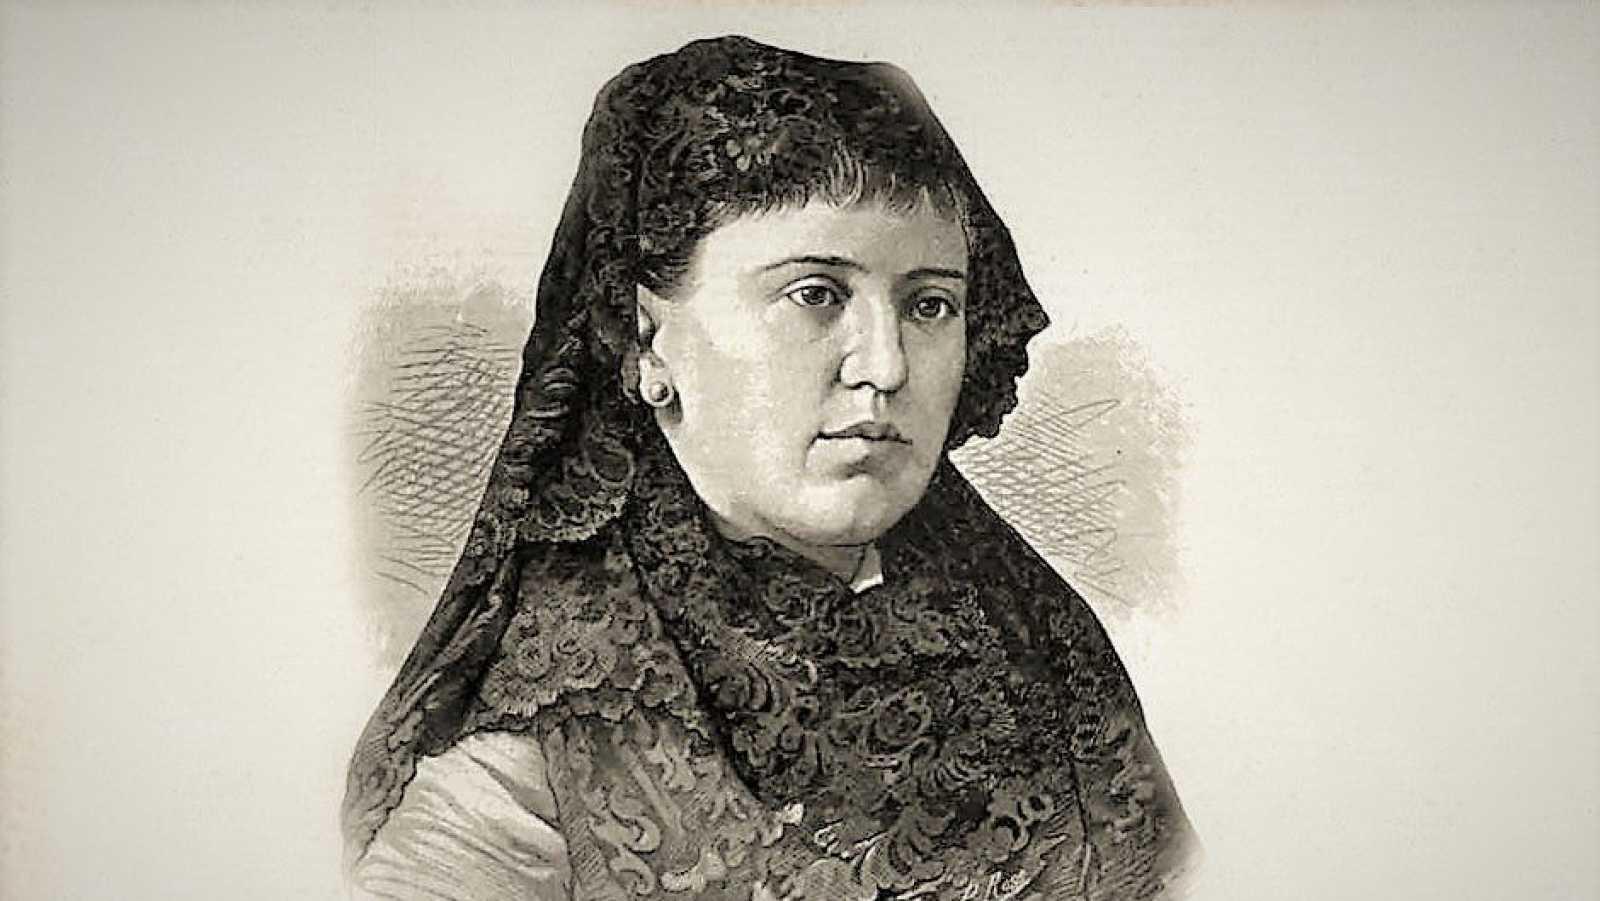 Punto de enlace - Rosario de Acuña, escritora y feminista del siglo XIX - escuchar ahora